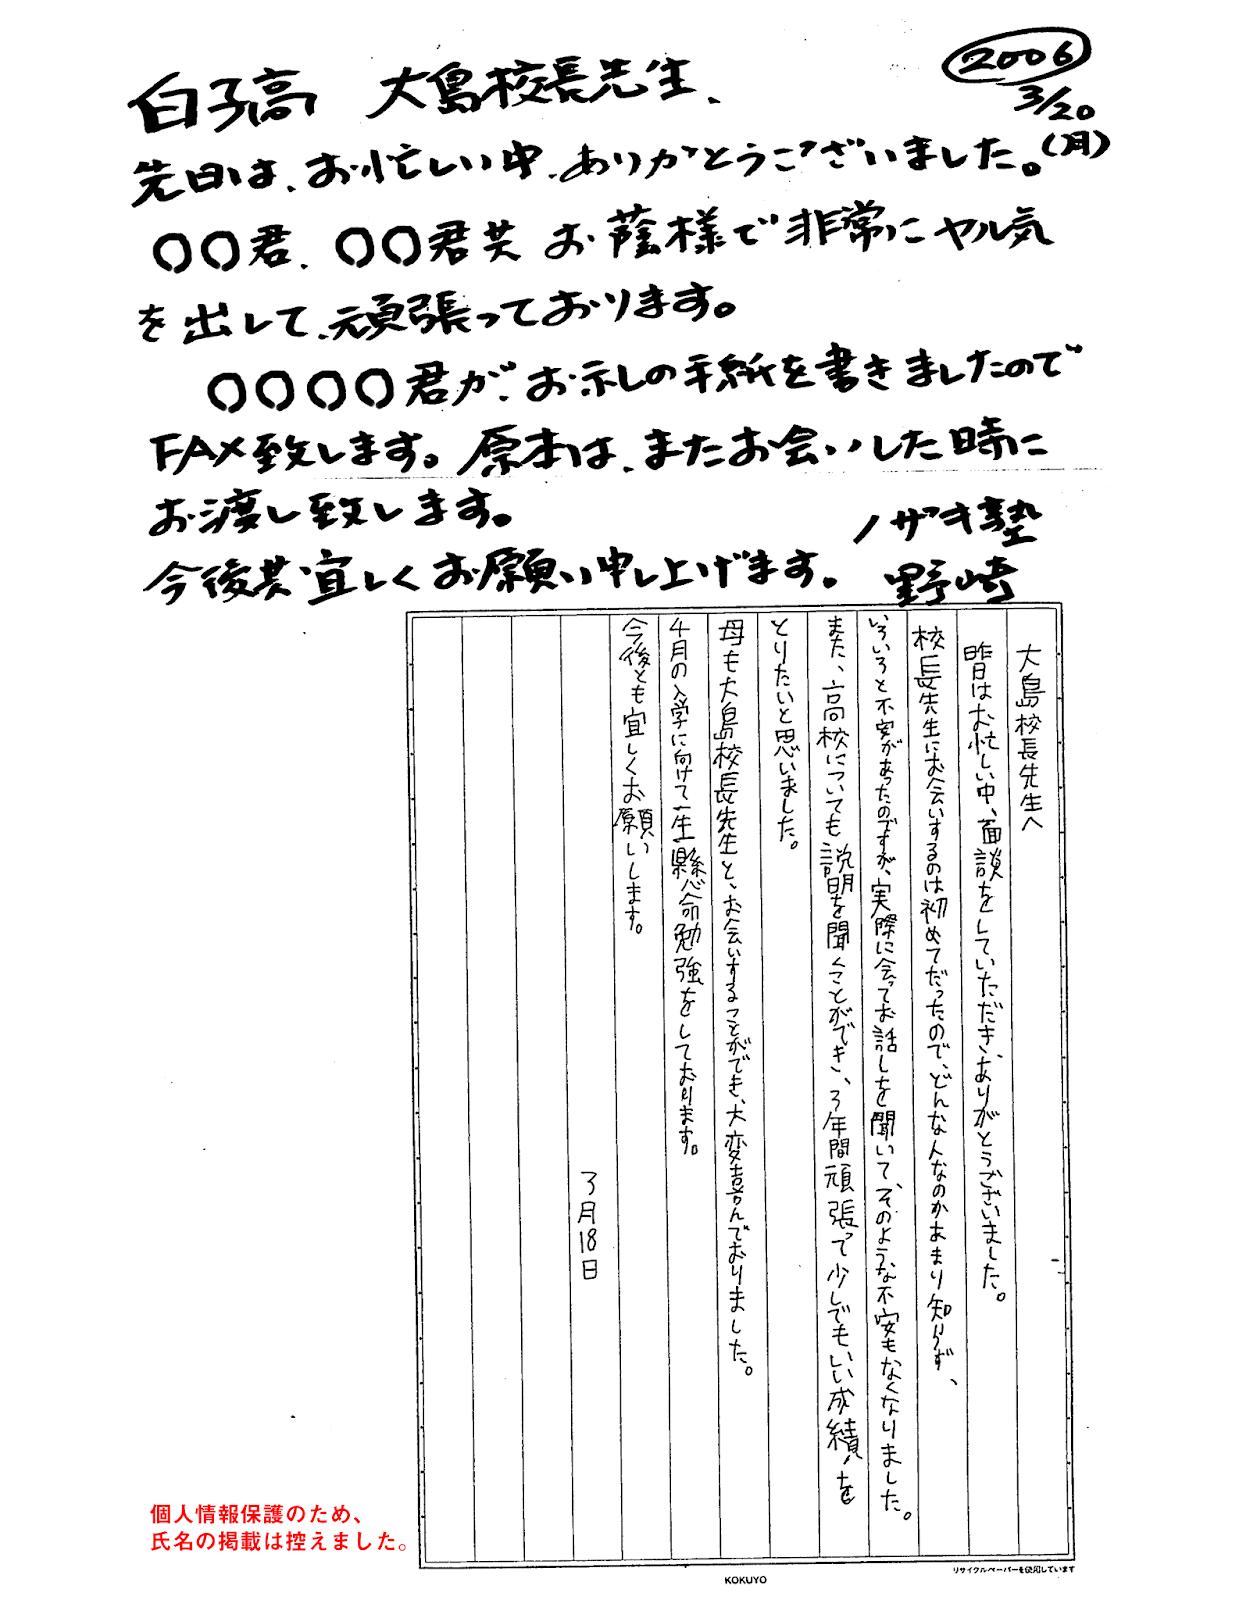 かとうたかまさ 2006年03月20日 大島先生宛手紙.png